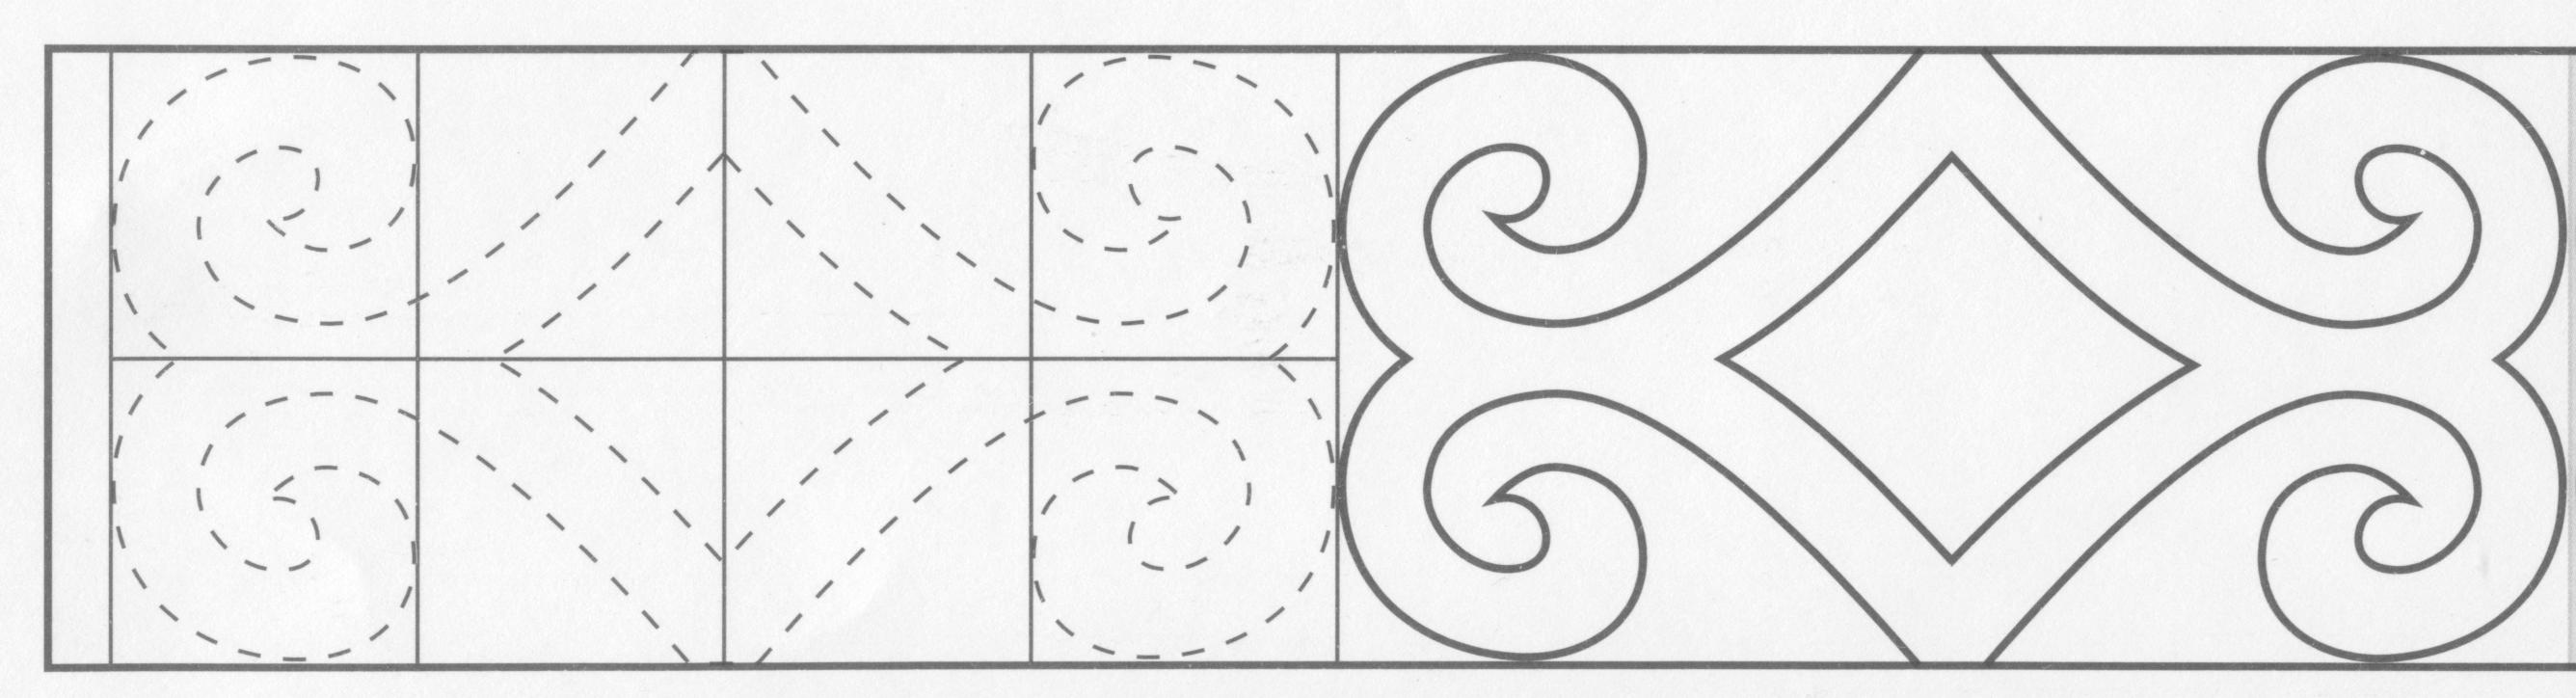 Башкирские орнаменты и узоры трафареты распечатать